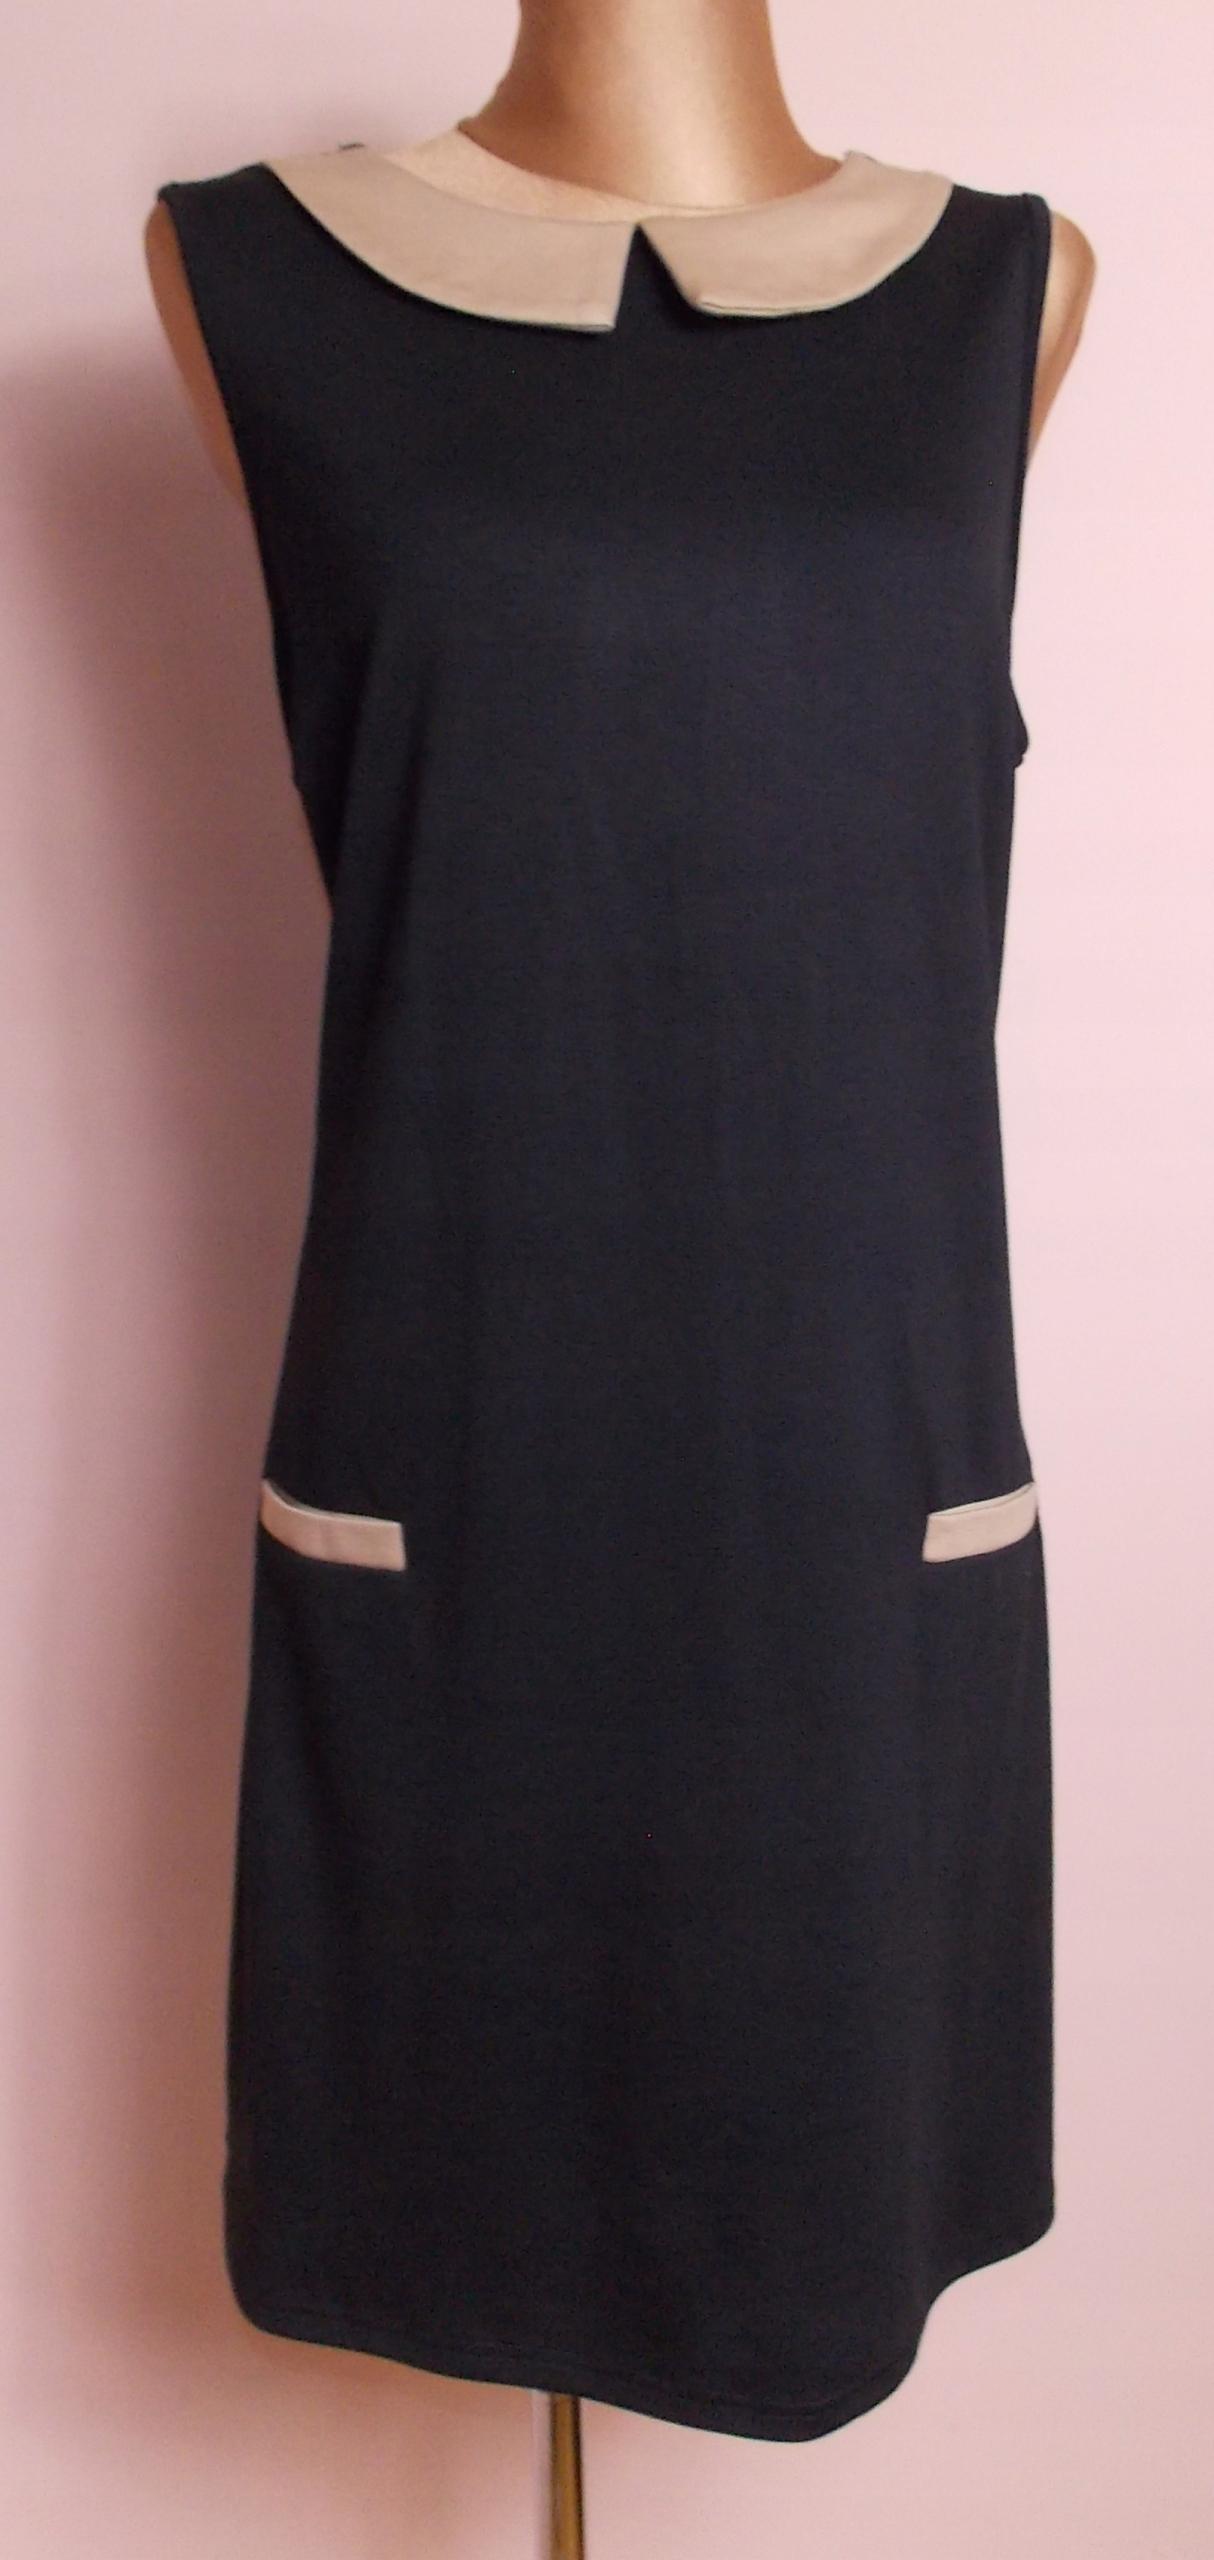 749e7cf286 sukienka PAPAYA pensjonarka kołnierzyk czarna 46 - 7651250150 ...